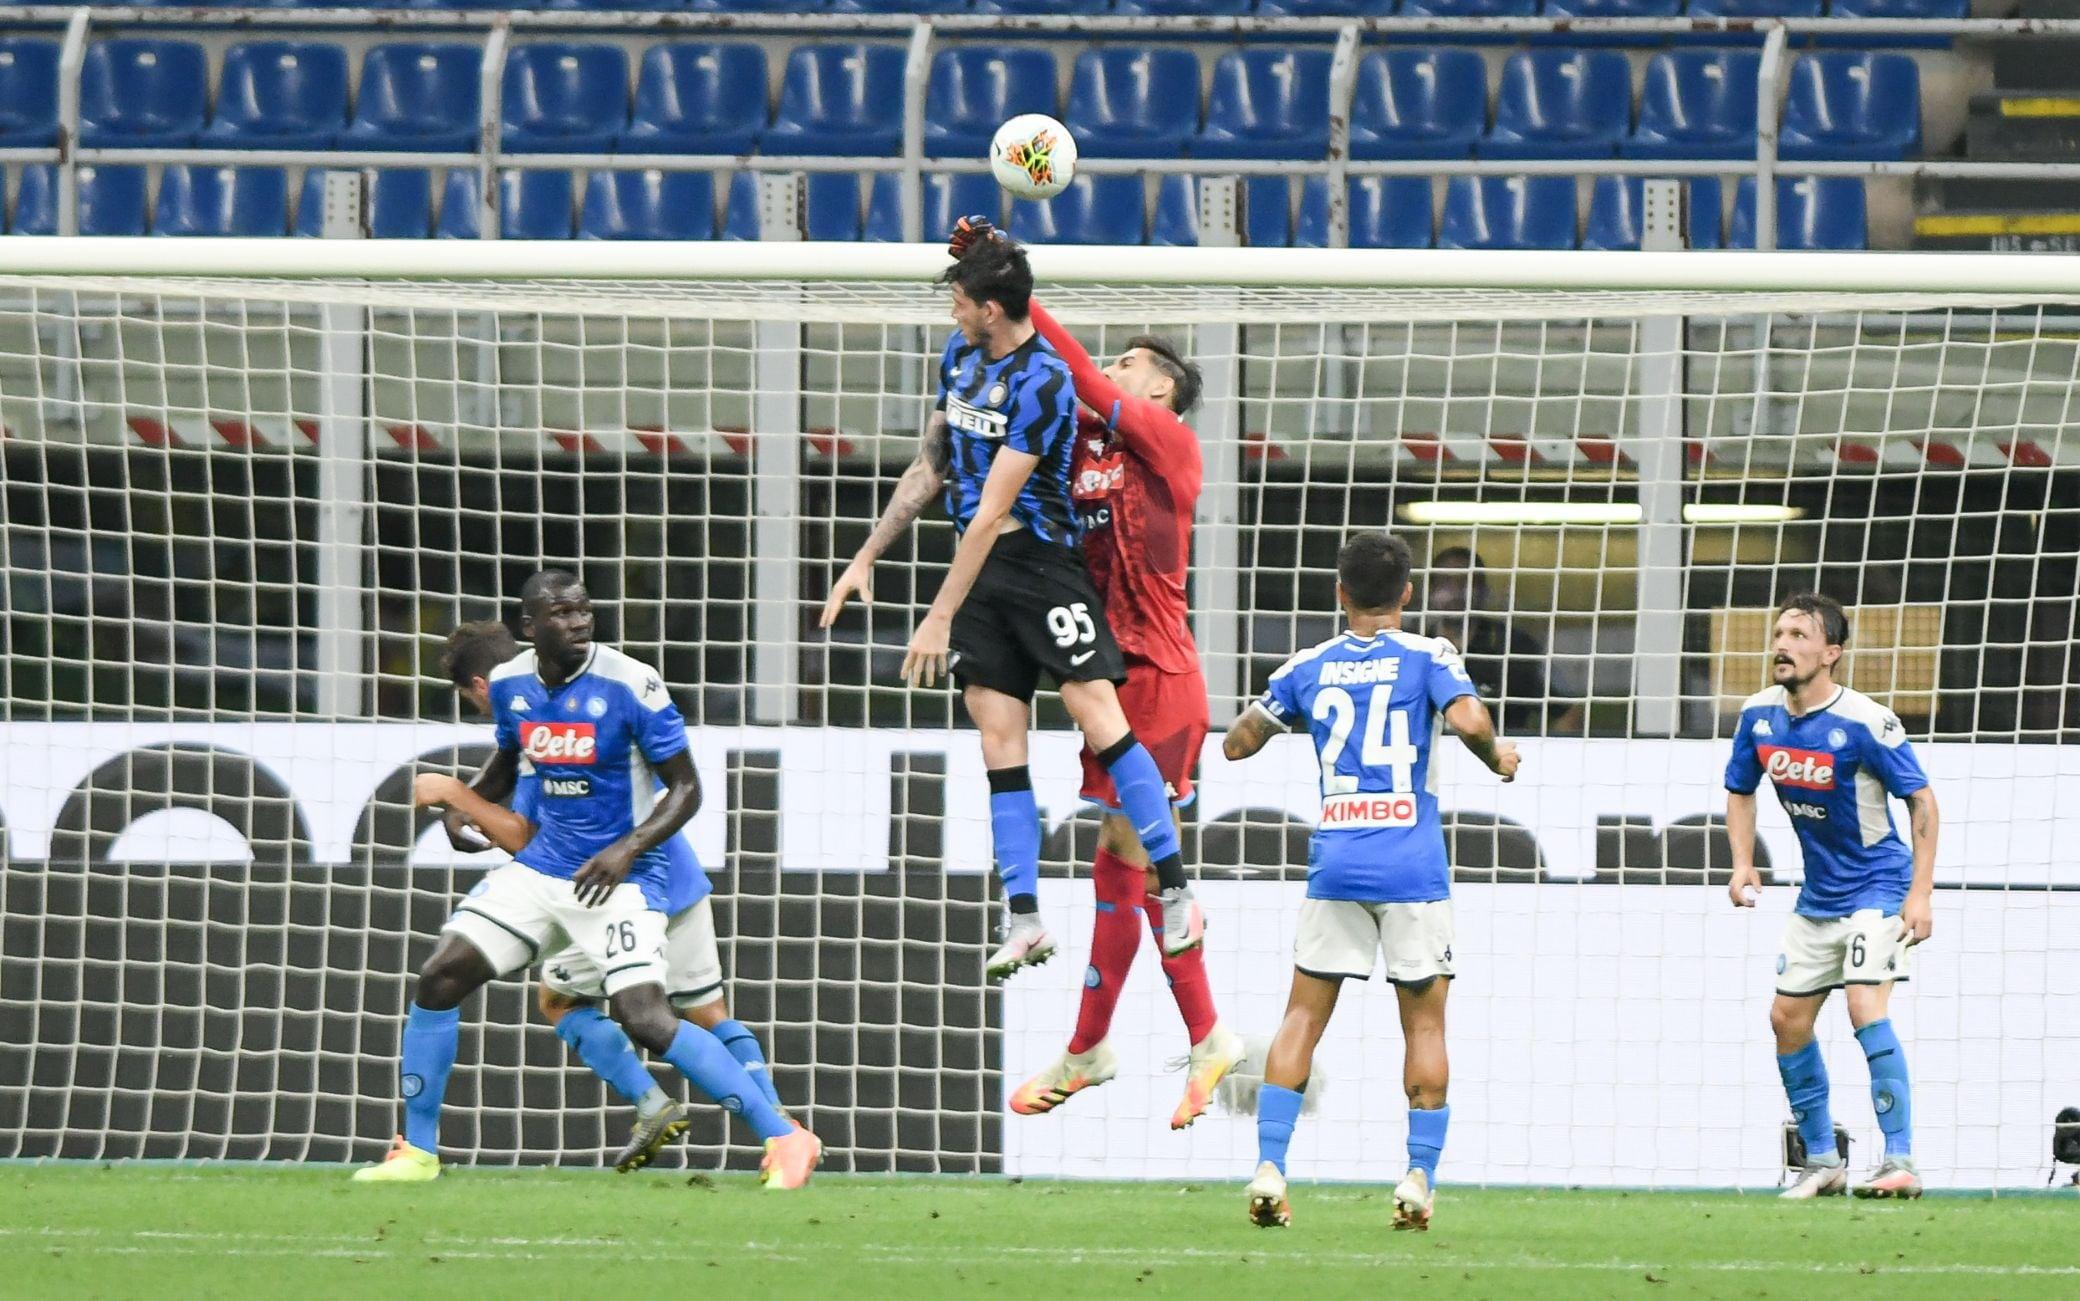 Inter-Napoli 1-0, il risultato in diretta LIVE: gol di D'Ambrosio thumbnail